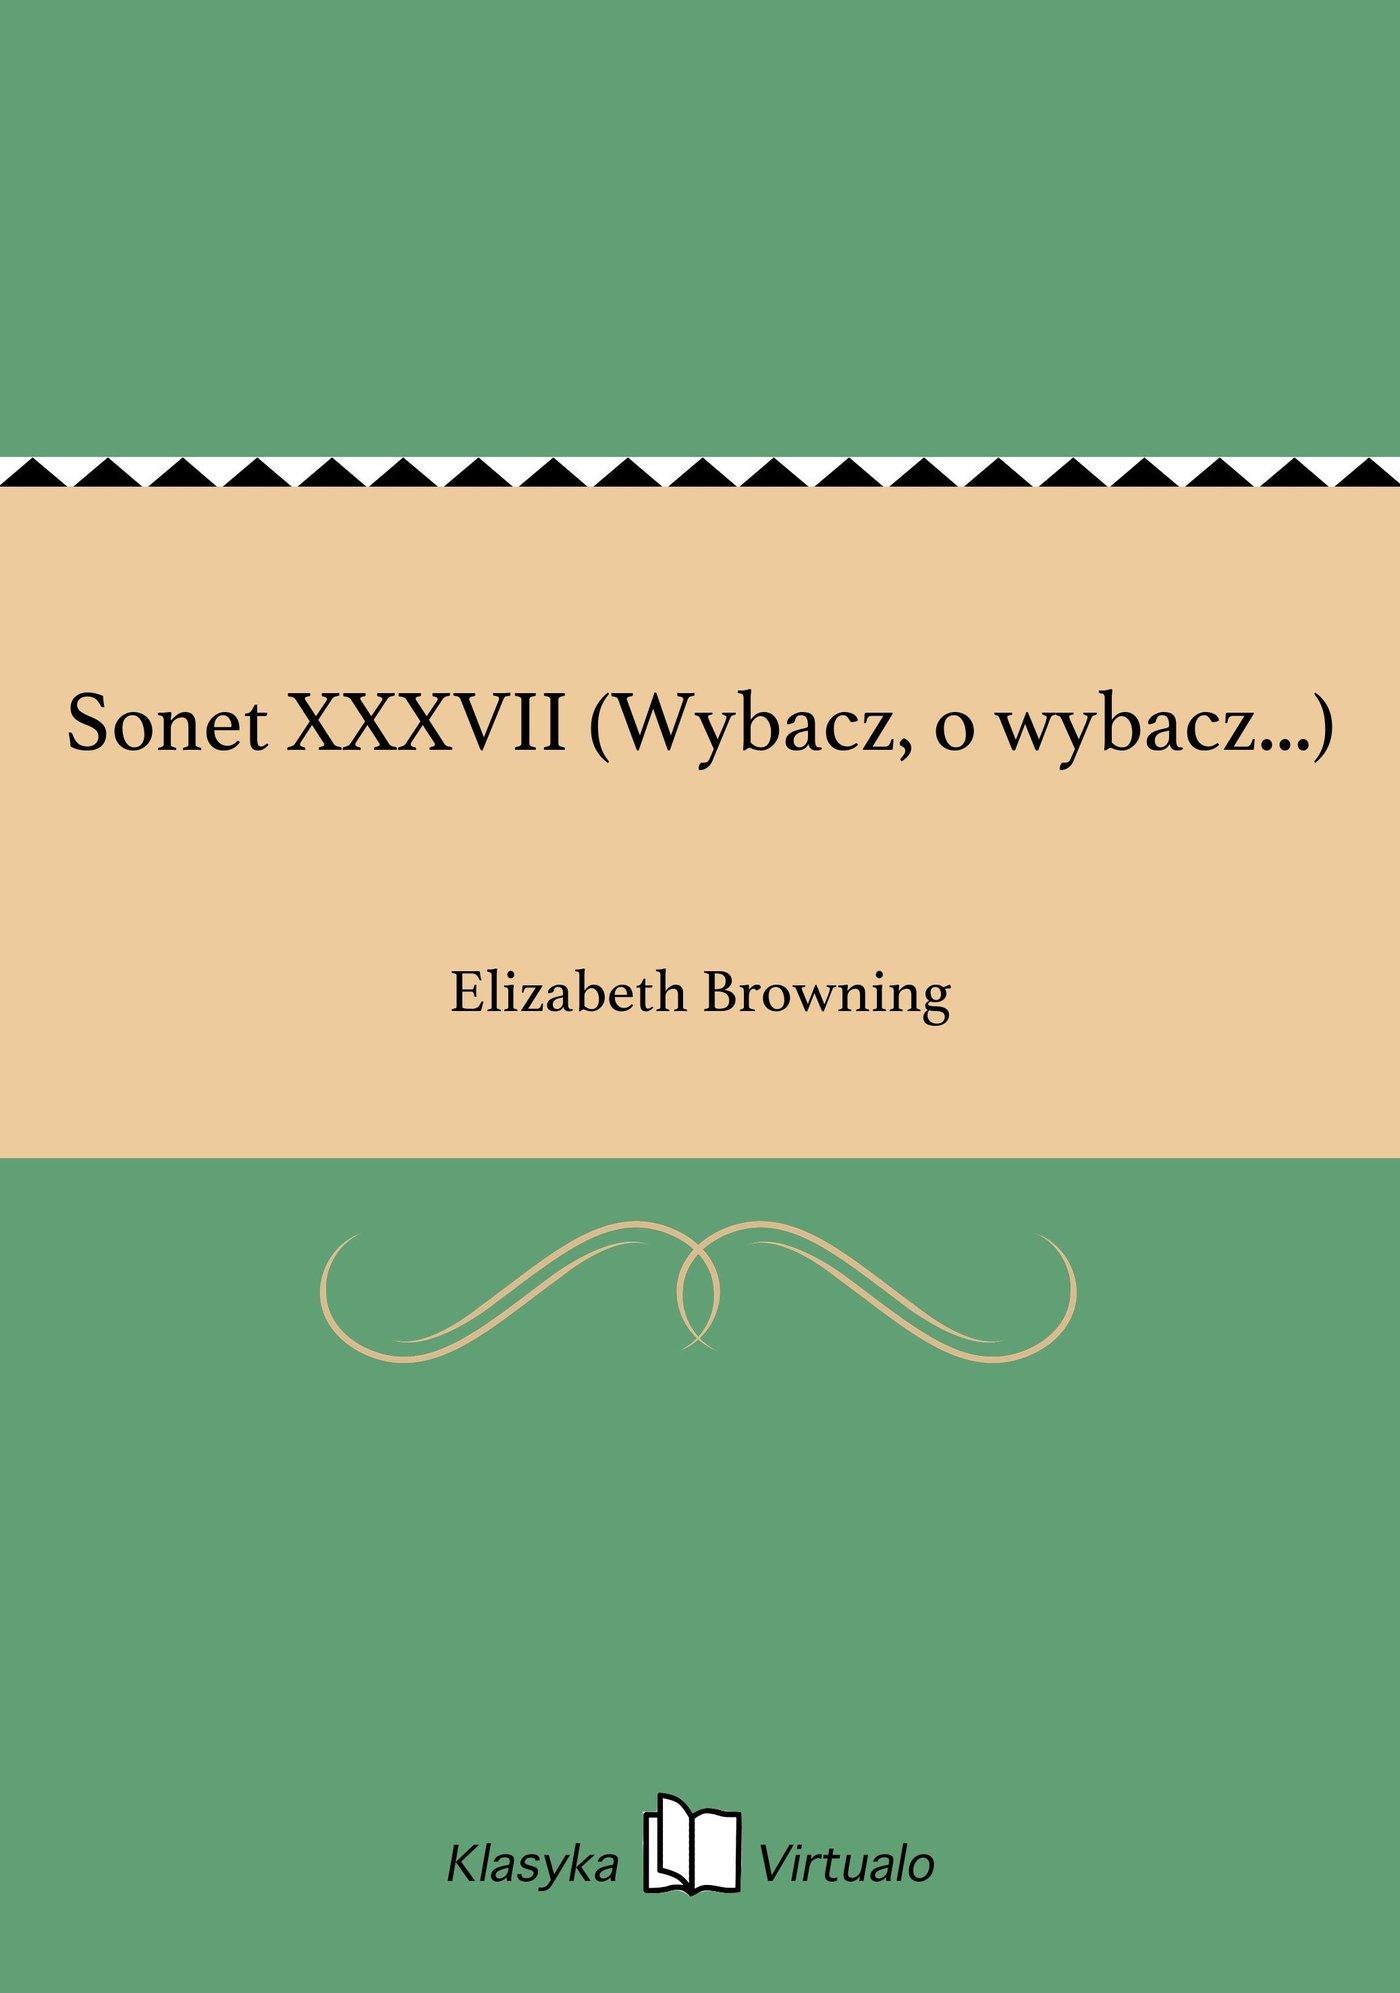 Sonet XXXVII (Wybacz, o wybacz...) - Ebook (Książka na Kindle) do pobrania w formacie MOBI